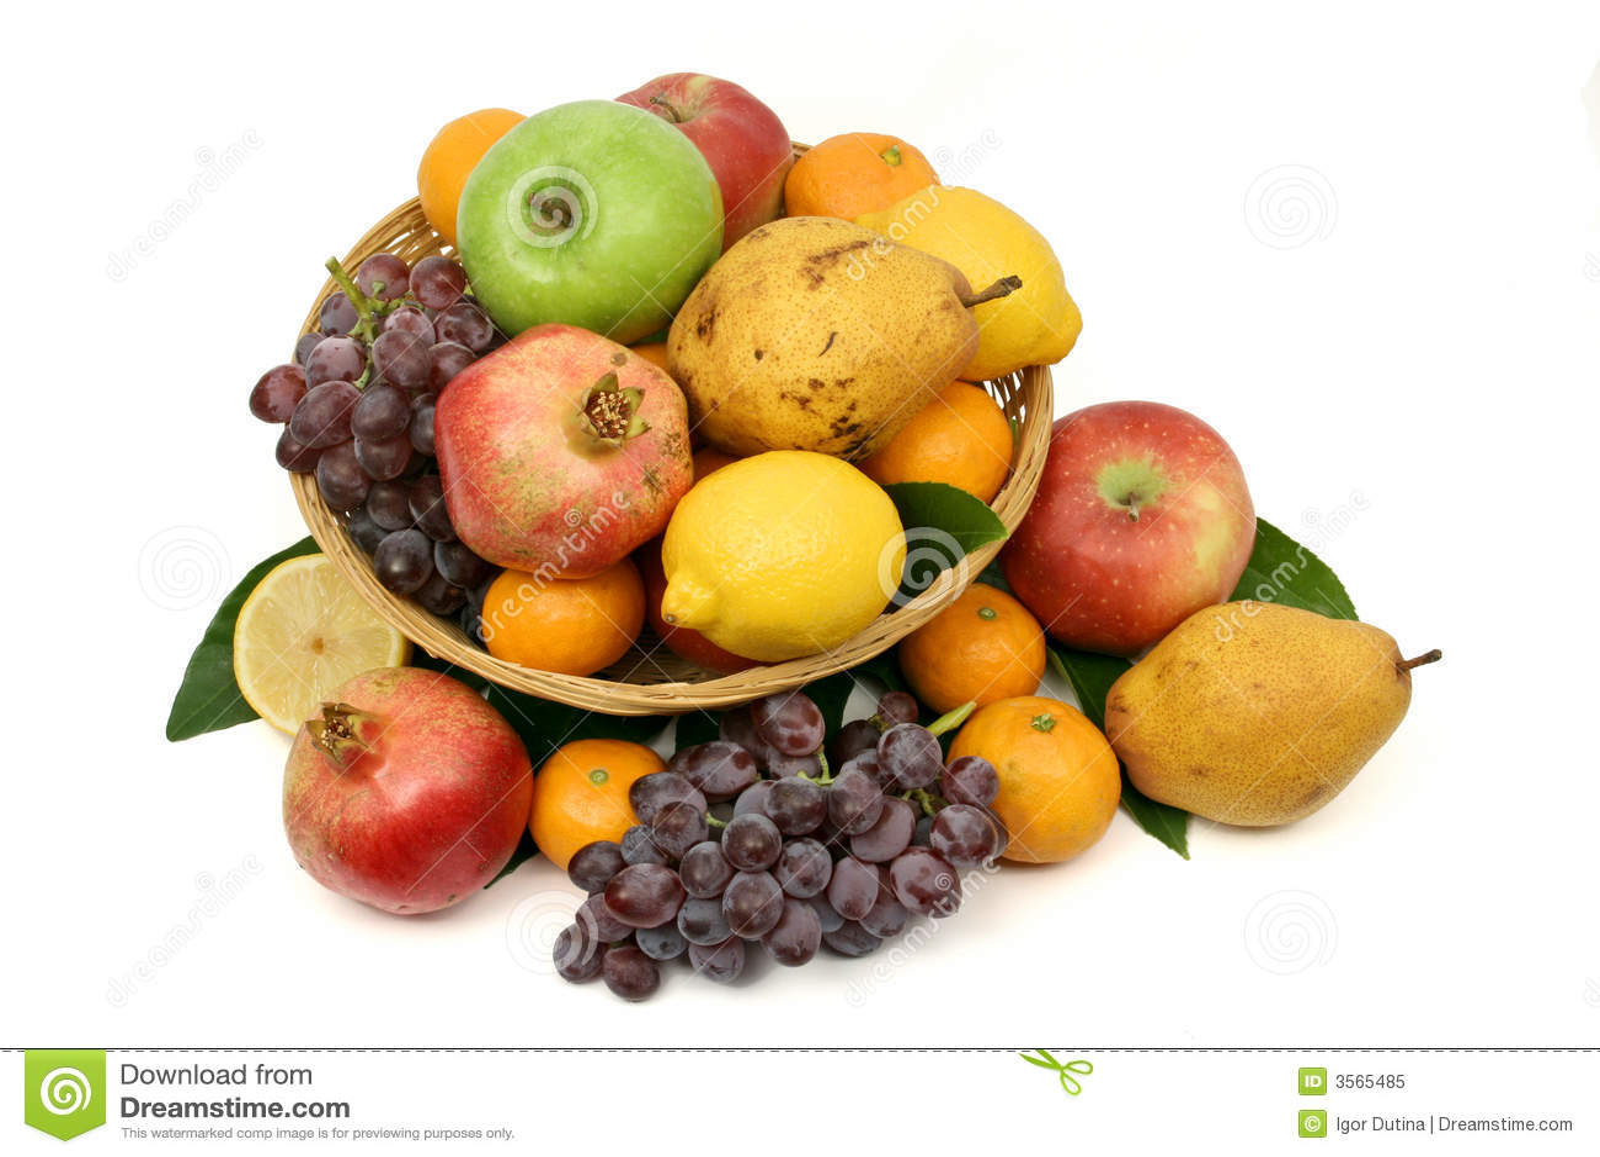 Foodesign Fresh Fruit Basket: Fresh Fruit Basket Royalty Free Stock Photo